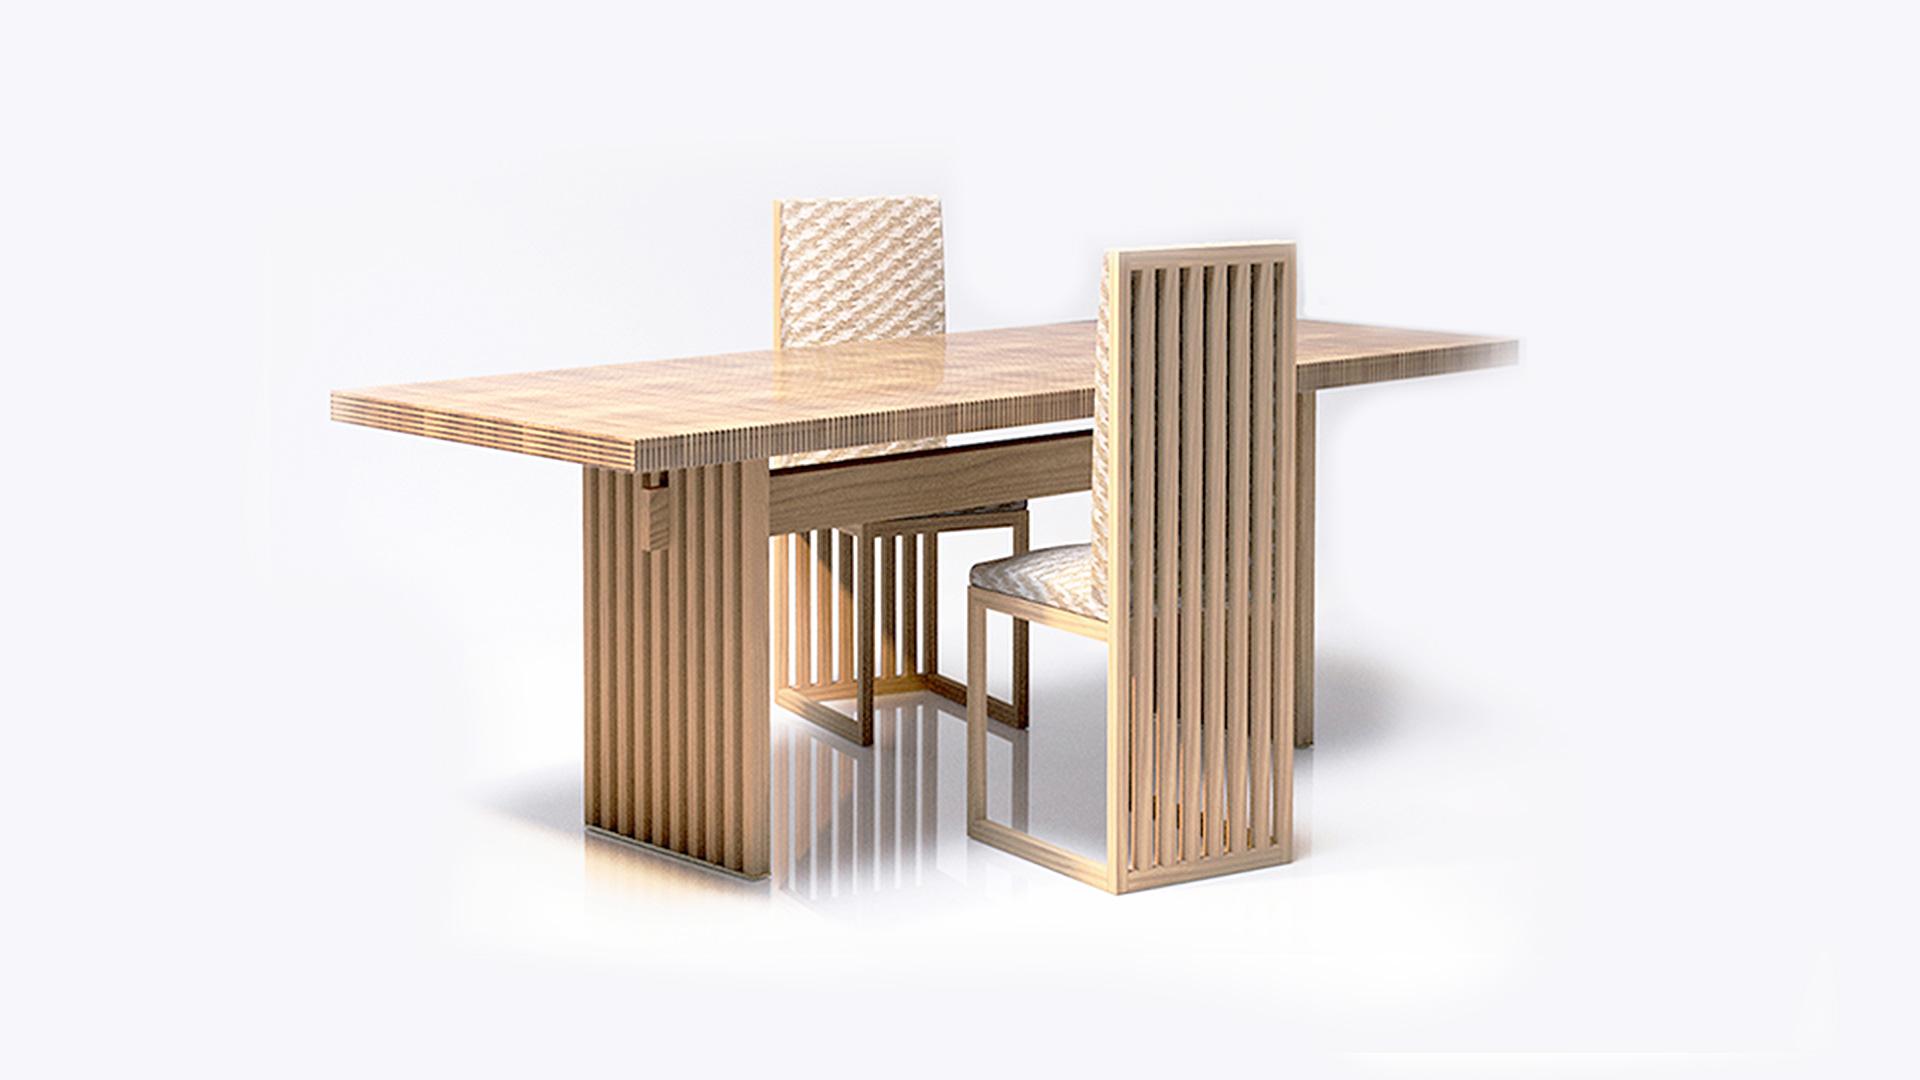 Ар-деко и устойчивый дизайн в коллекции Armani/Casa